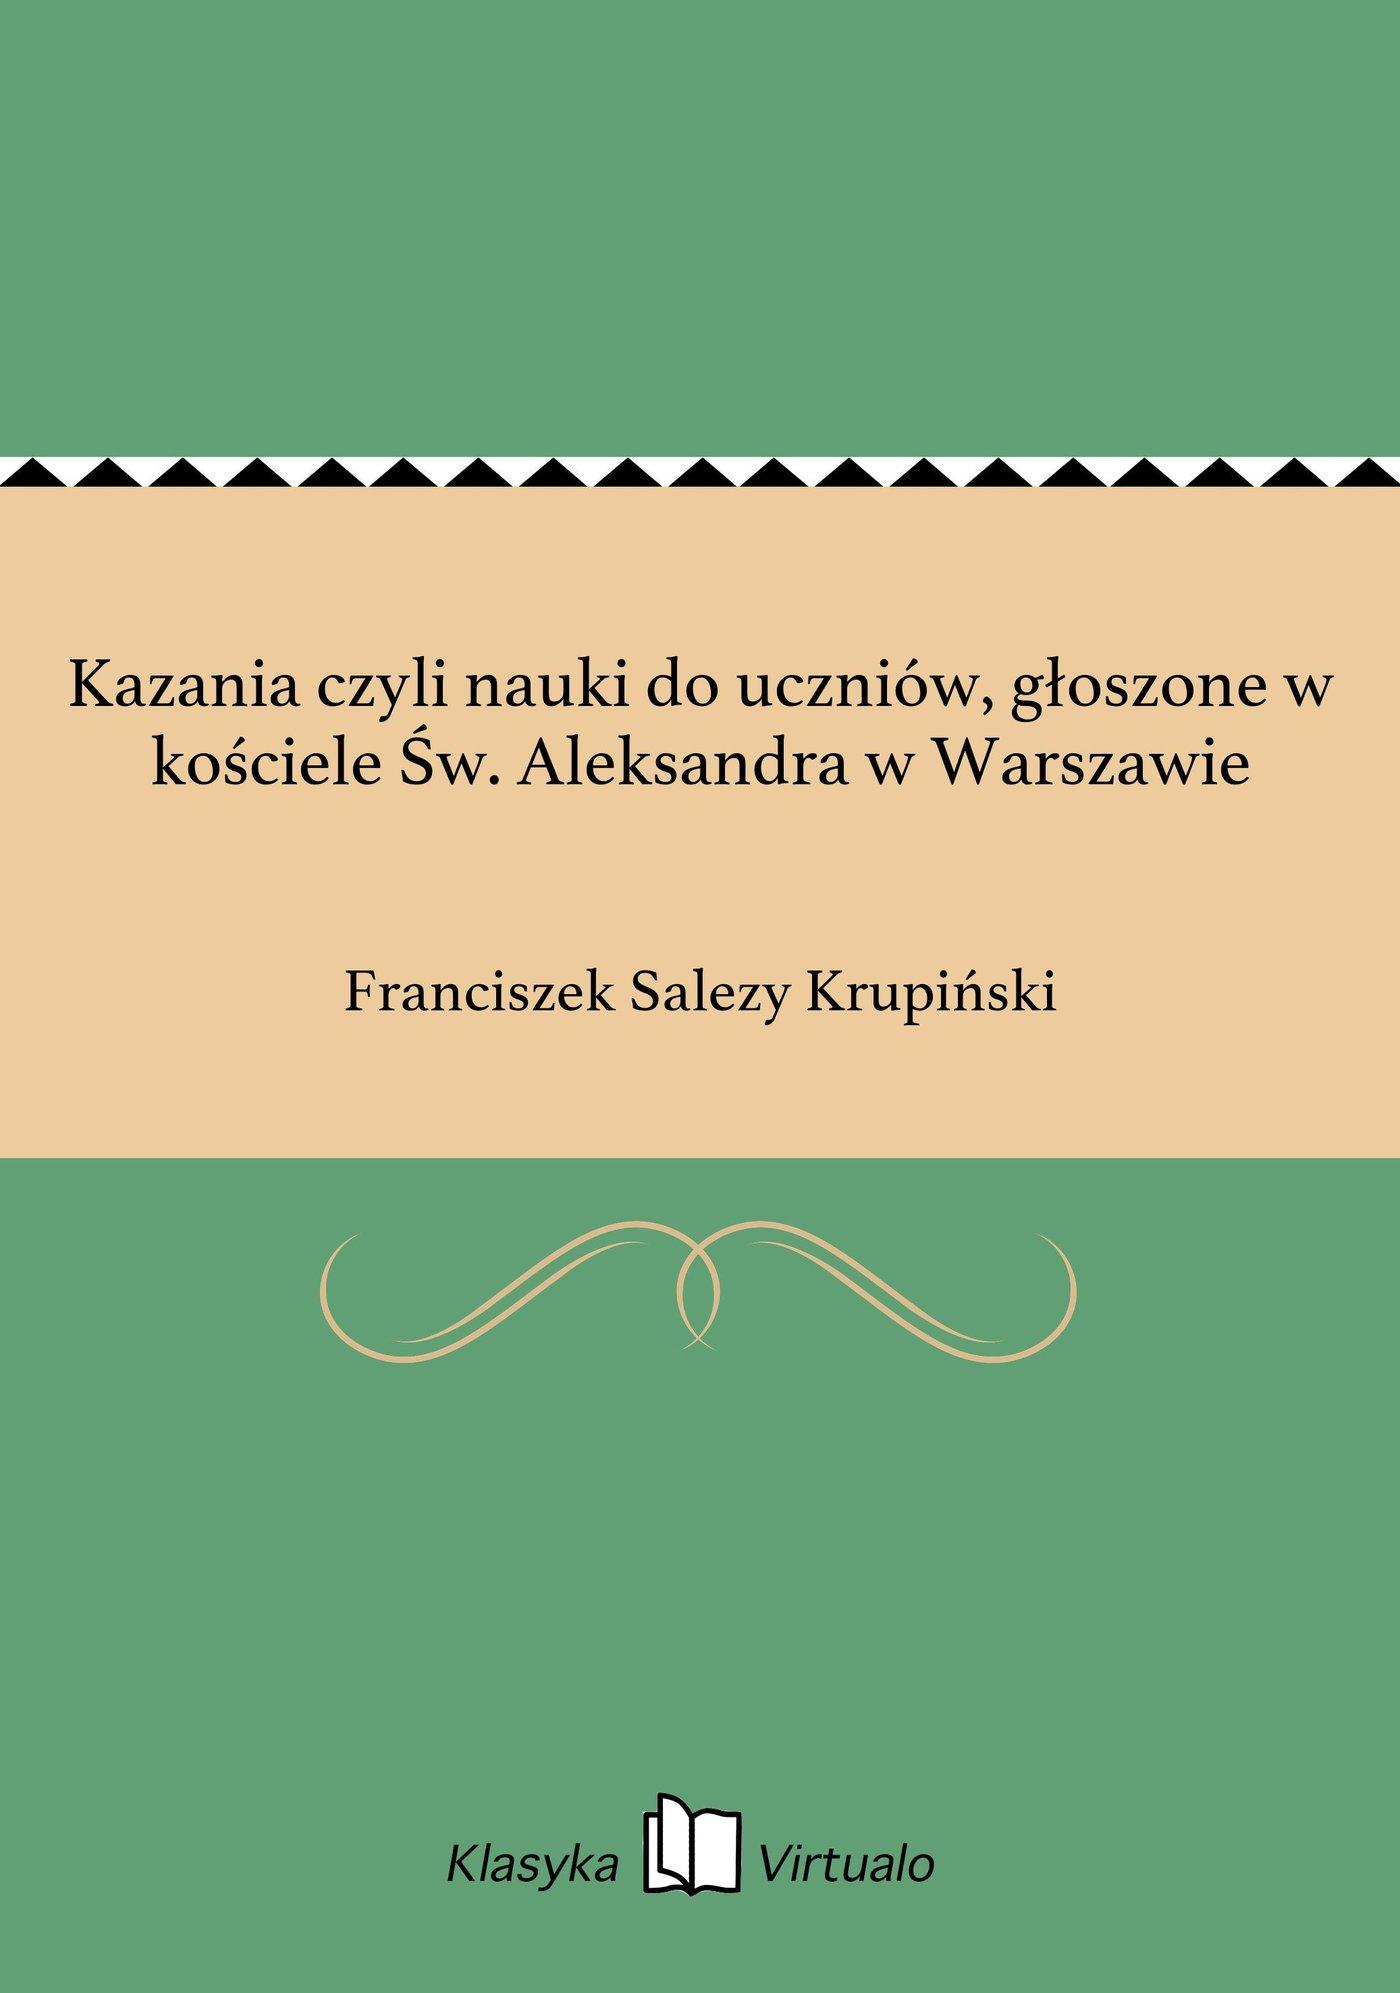 Kazania czyli nauki do uczniów, głoszone w kościele Św. Aleksandra w Warszawie - Ebook (Książka na Kindle) do pobrania w formacie MOBI